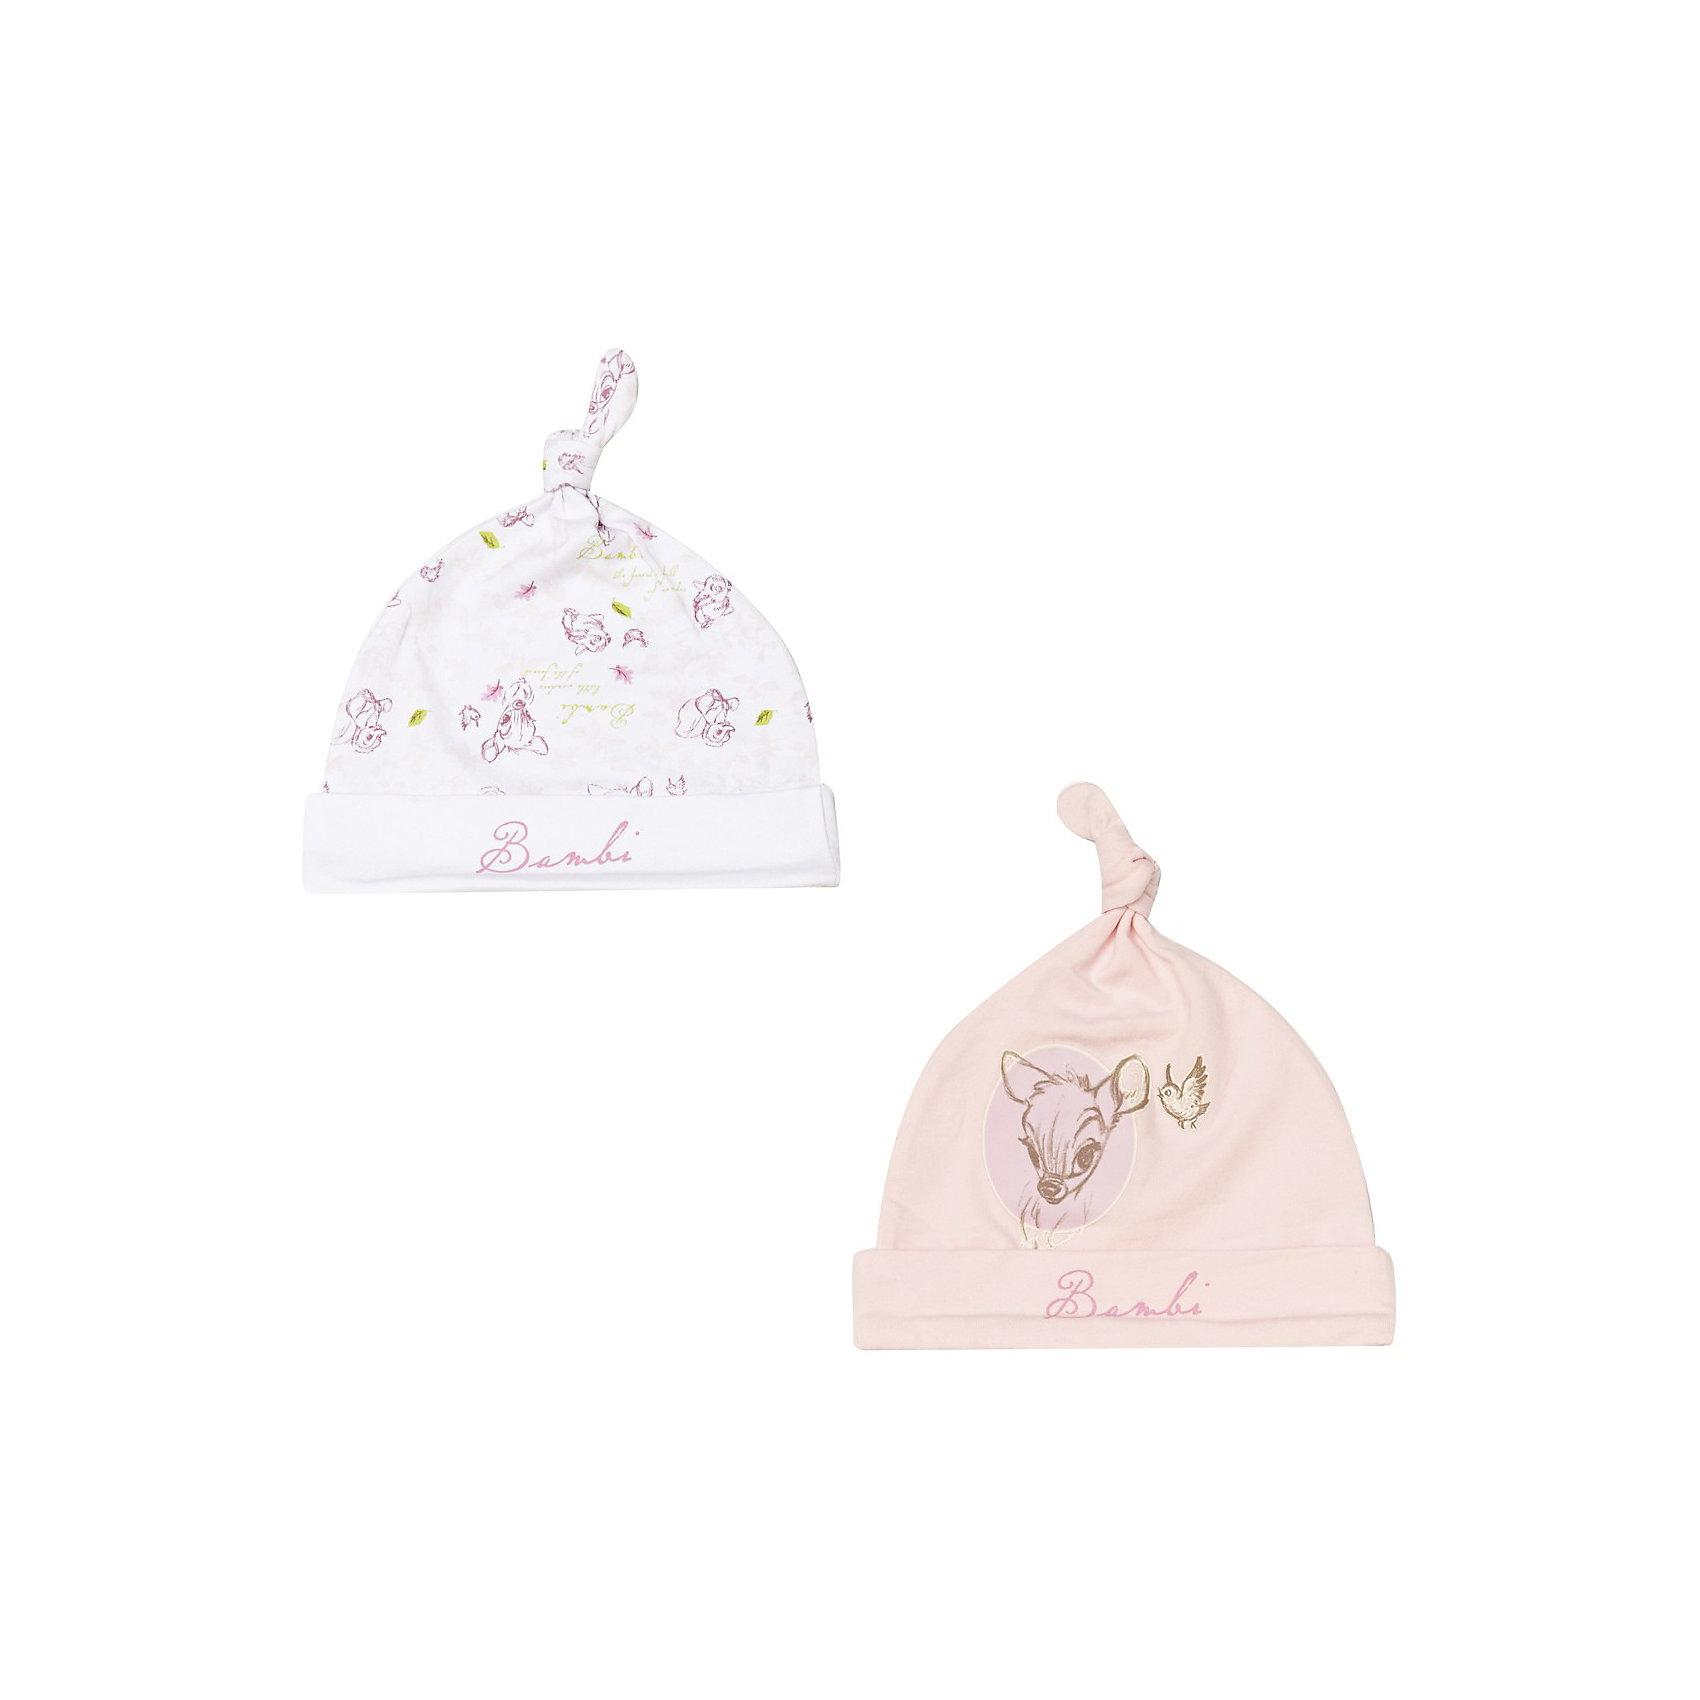 Шапка для девочки PlayToday* прекрасный комплект из двух шапочек для новорожденного малыша<br>    * мягкая трикотажная шапочка с графичным принтом плотно прилегает к голове<br>    * модель с отворотом<br>    * украшена узелком на макушке<br>Состав:<br>95% хлопок, 5% эластан<br><br>Ширина мм: 89<br>Глубина мм: 117<br>Высота мм: 44<br>Вес г: 155<br>Цвет: розовый<br>Возраст от месяцев: 6<br>Возраст до месяцев: 9<br>Пол: Женский<br>Возраст: Детский<br>Размер: 46,44,40<br>SKU: 3303343